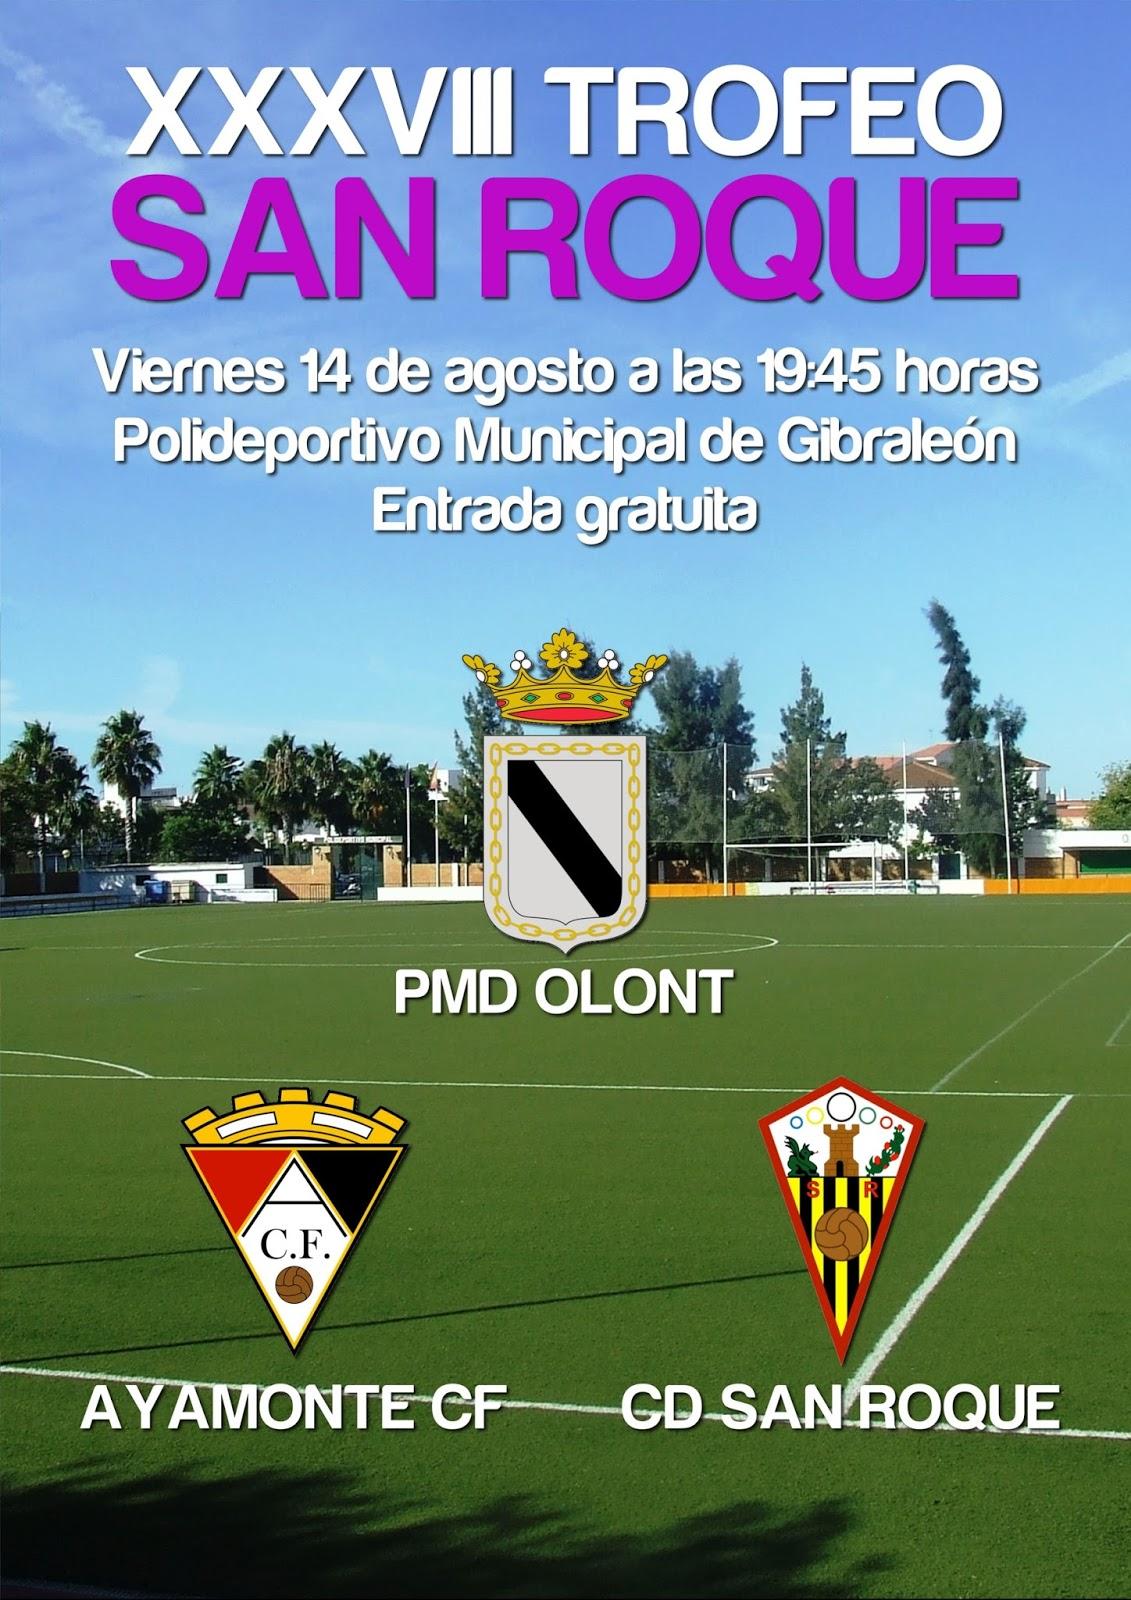 Gibraleón Celebra el XXXVIII Trofeo San Roque de fútbol